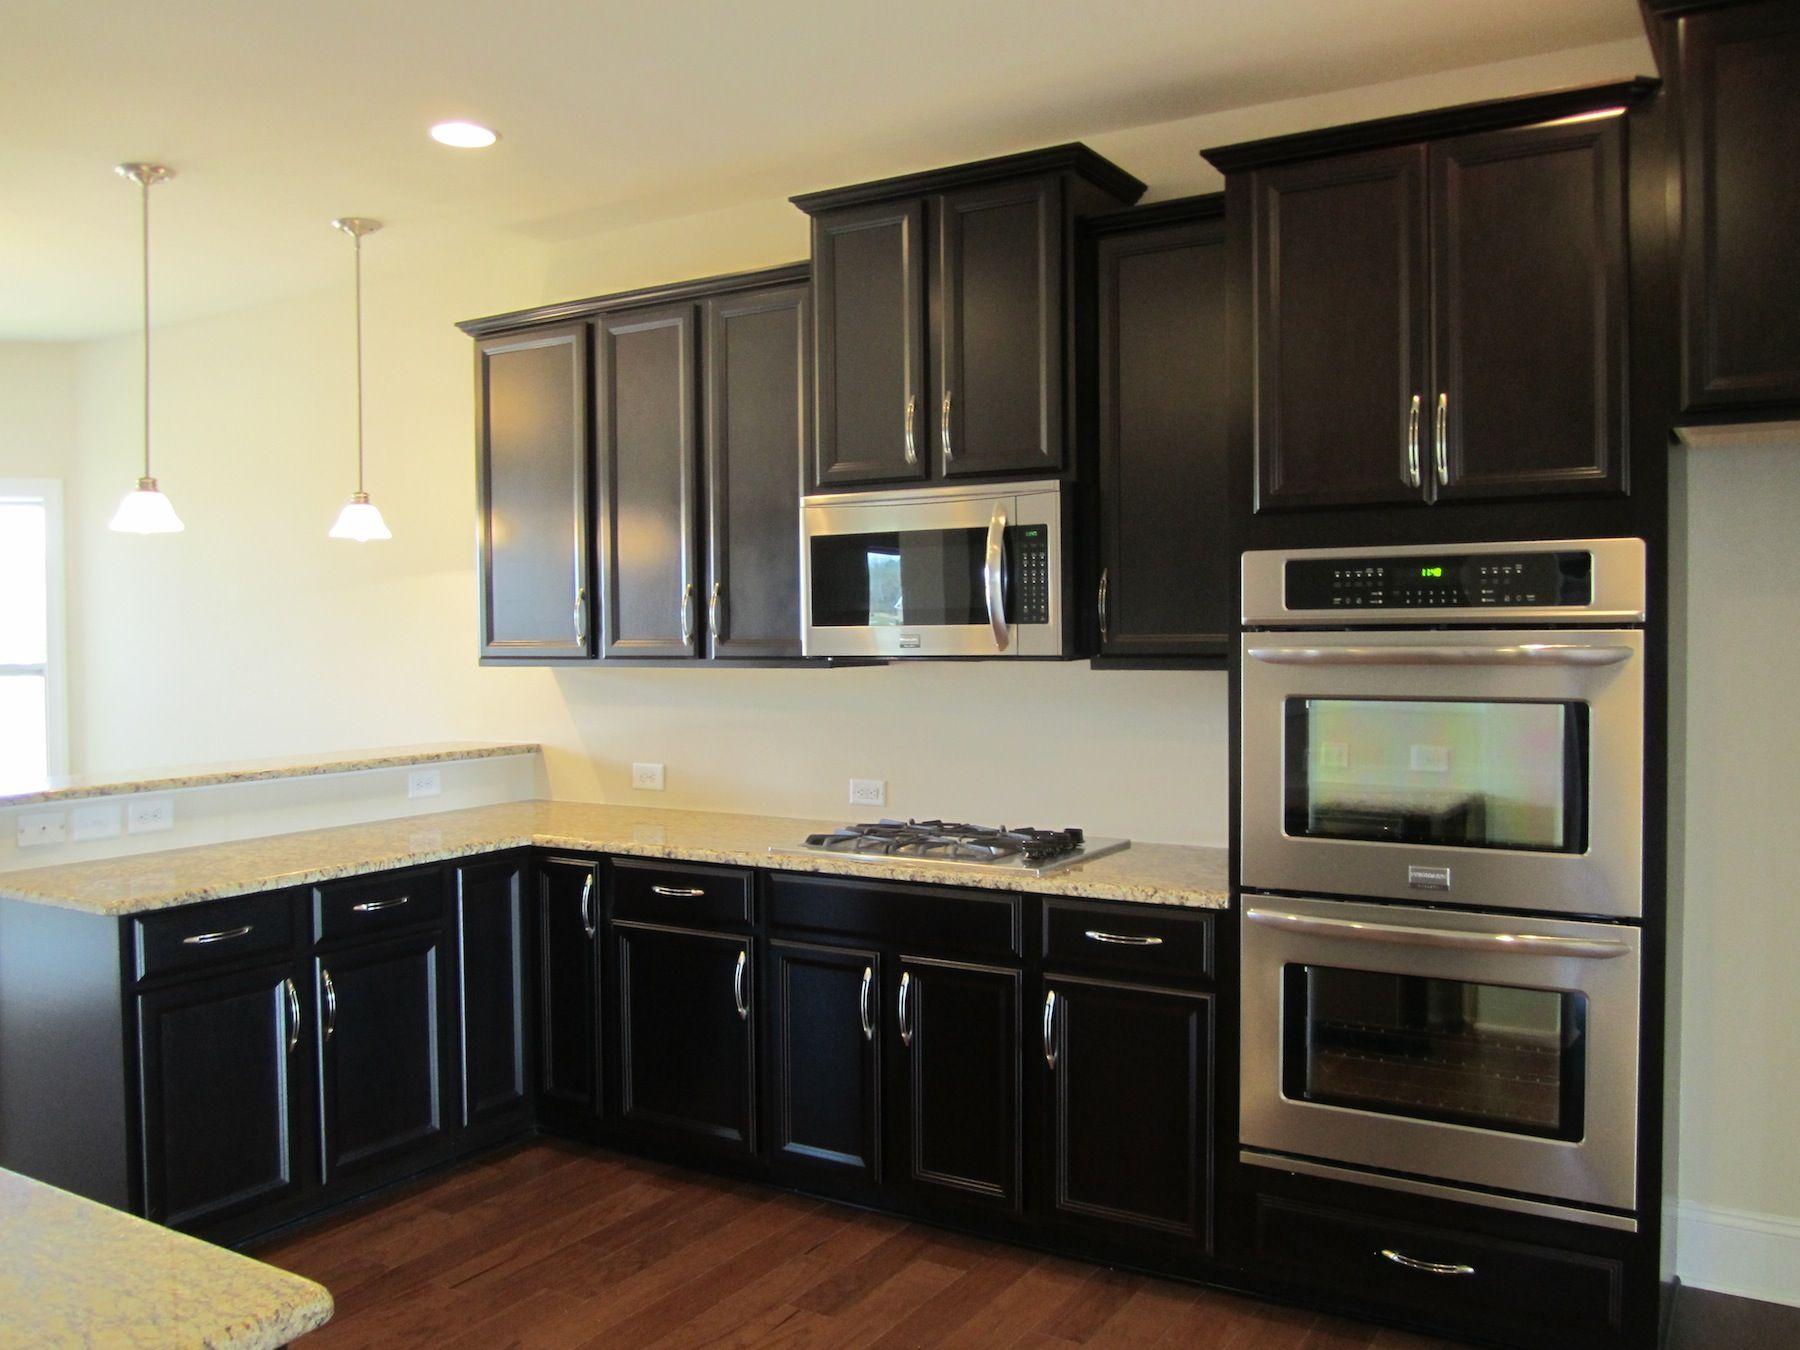 Ballentine gourmet kitchen timberlake tahoe maple for Kitchen designs espresso cabinets